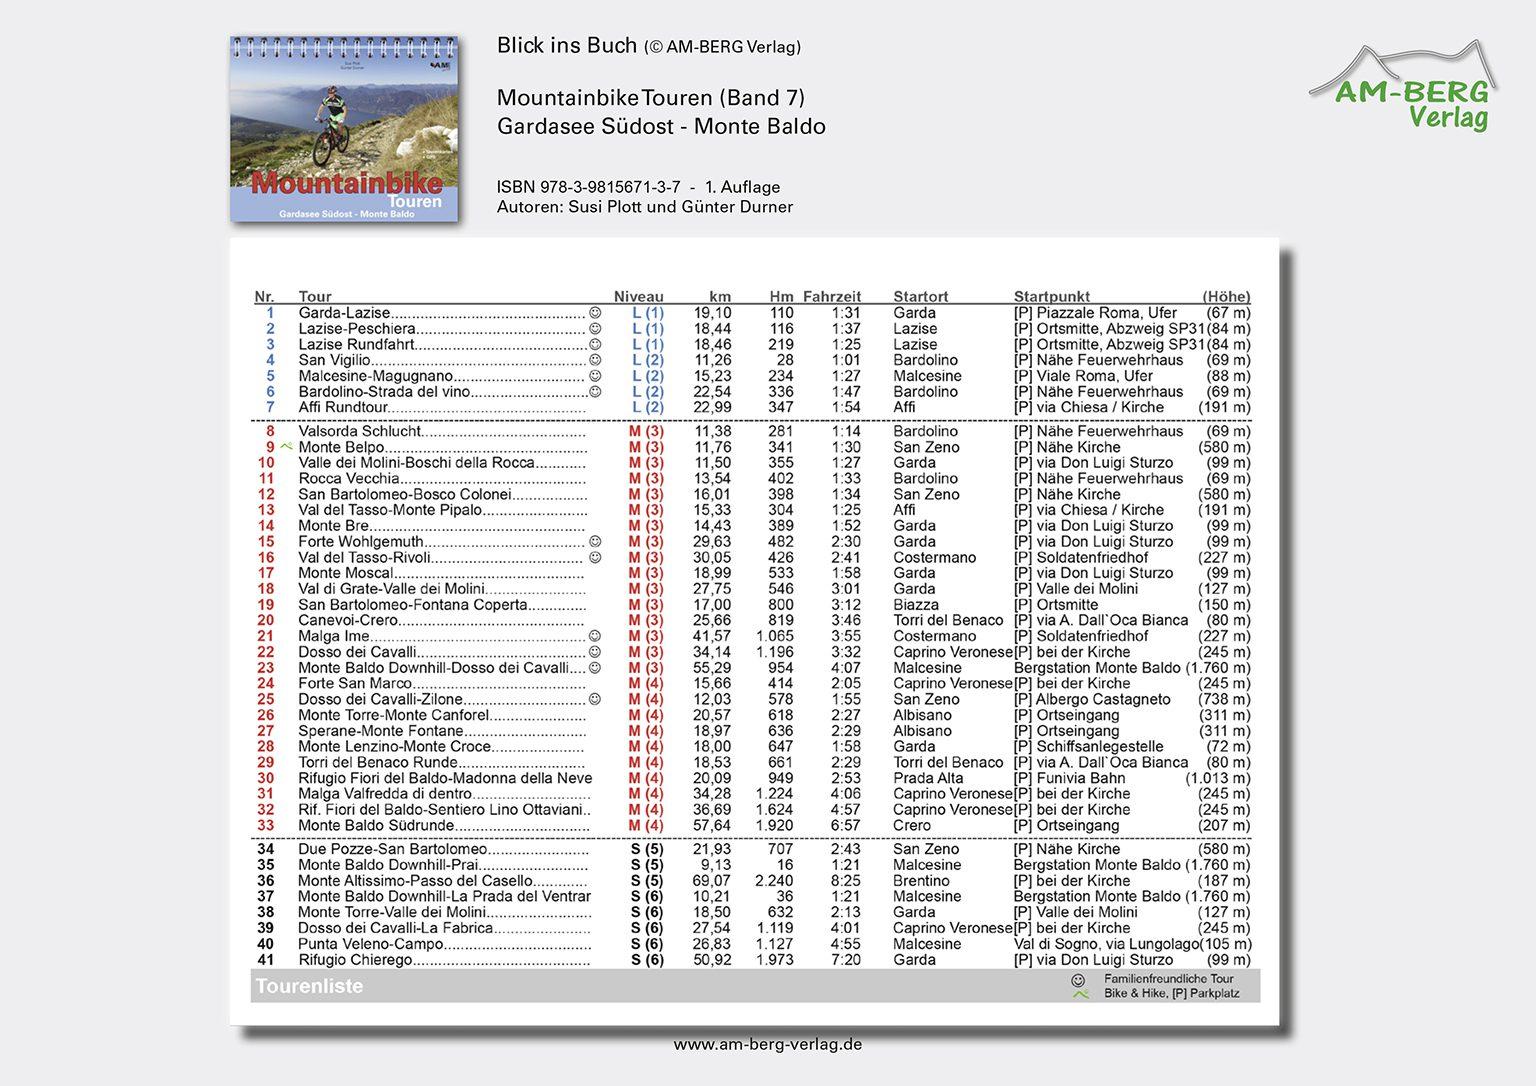 Mountainbike Touren Gardasee Südost - Monte Baldo_BlickinsBuch3